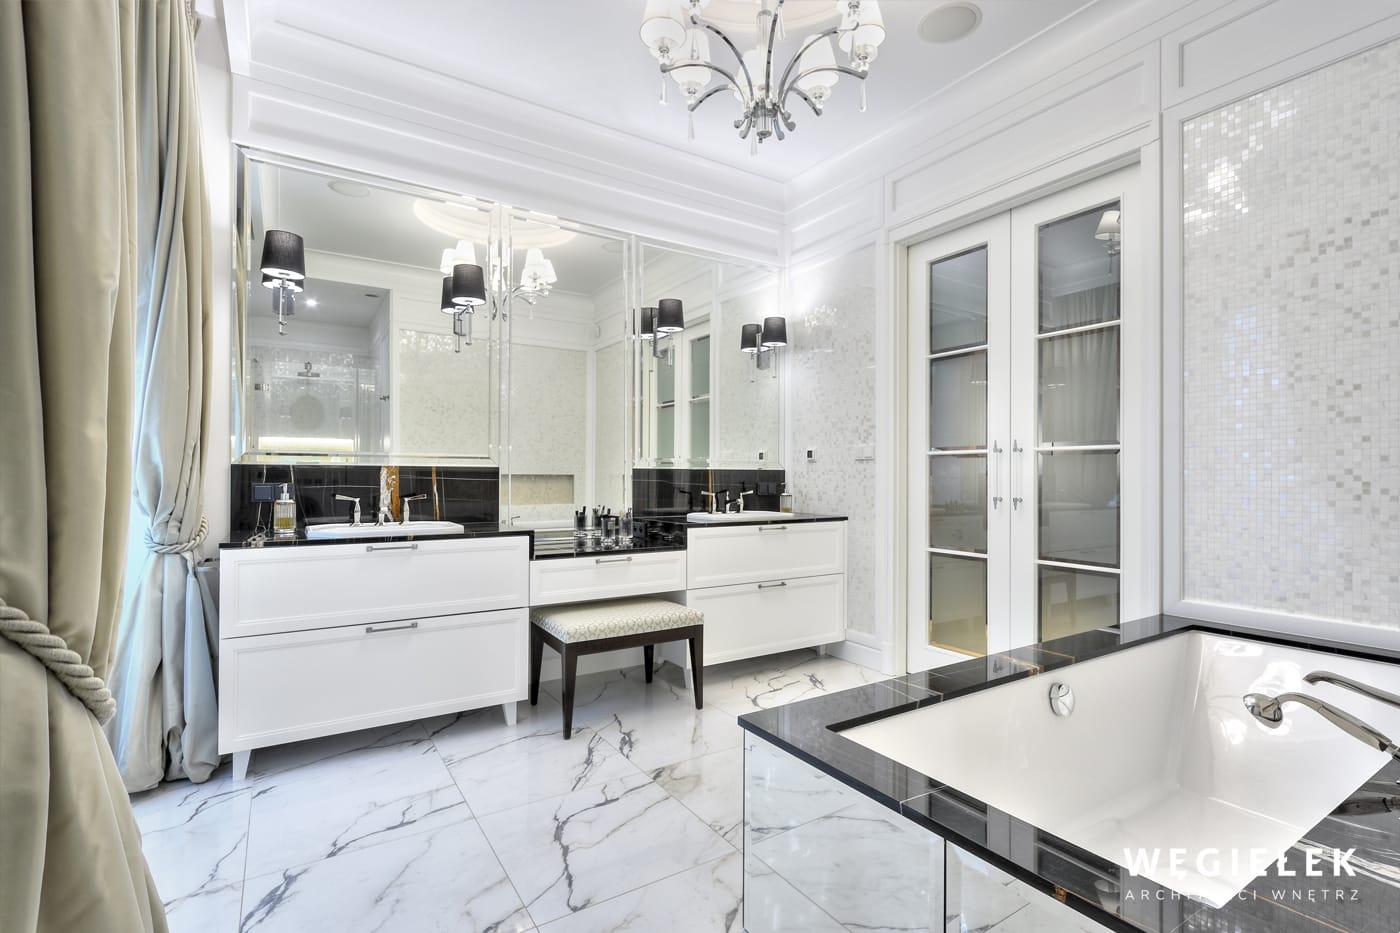 Ta apartamentowa łazienka to raczej pokój kąpielowy w dobrym stylu. Projekt architektów z Warszawy wyróżnia szczególne połączenie mozaiki i kasetonów.